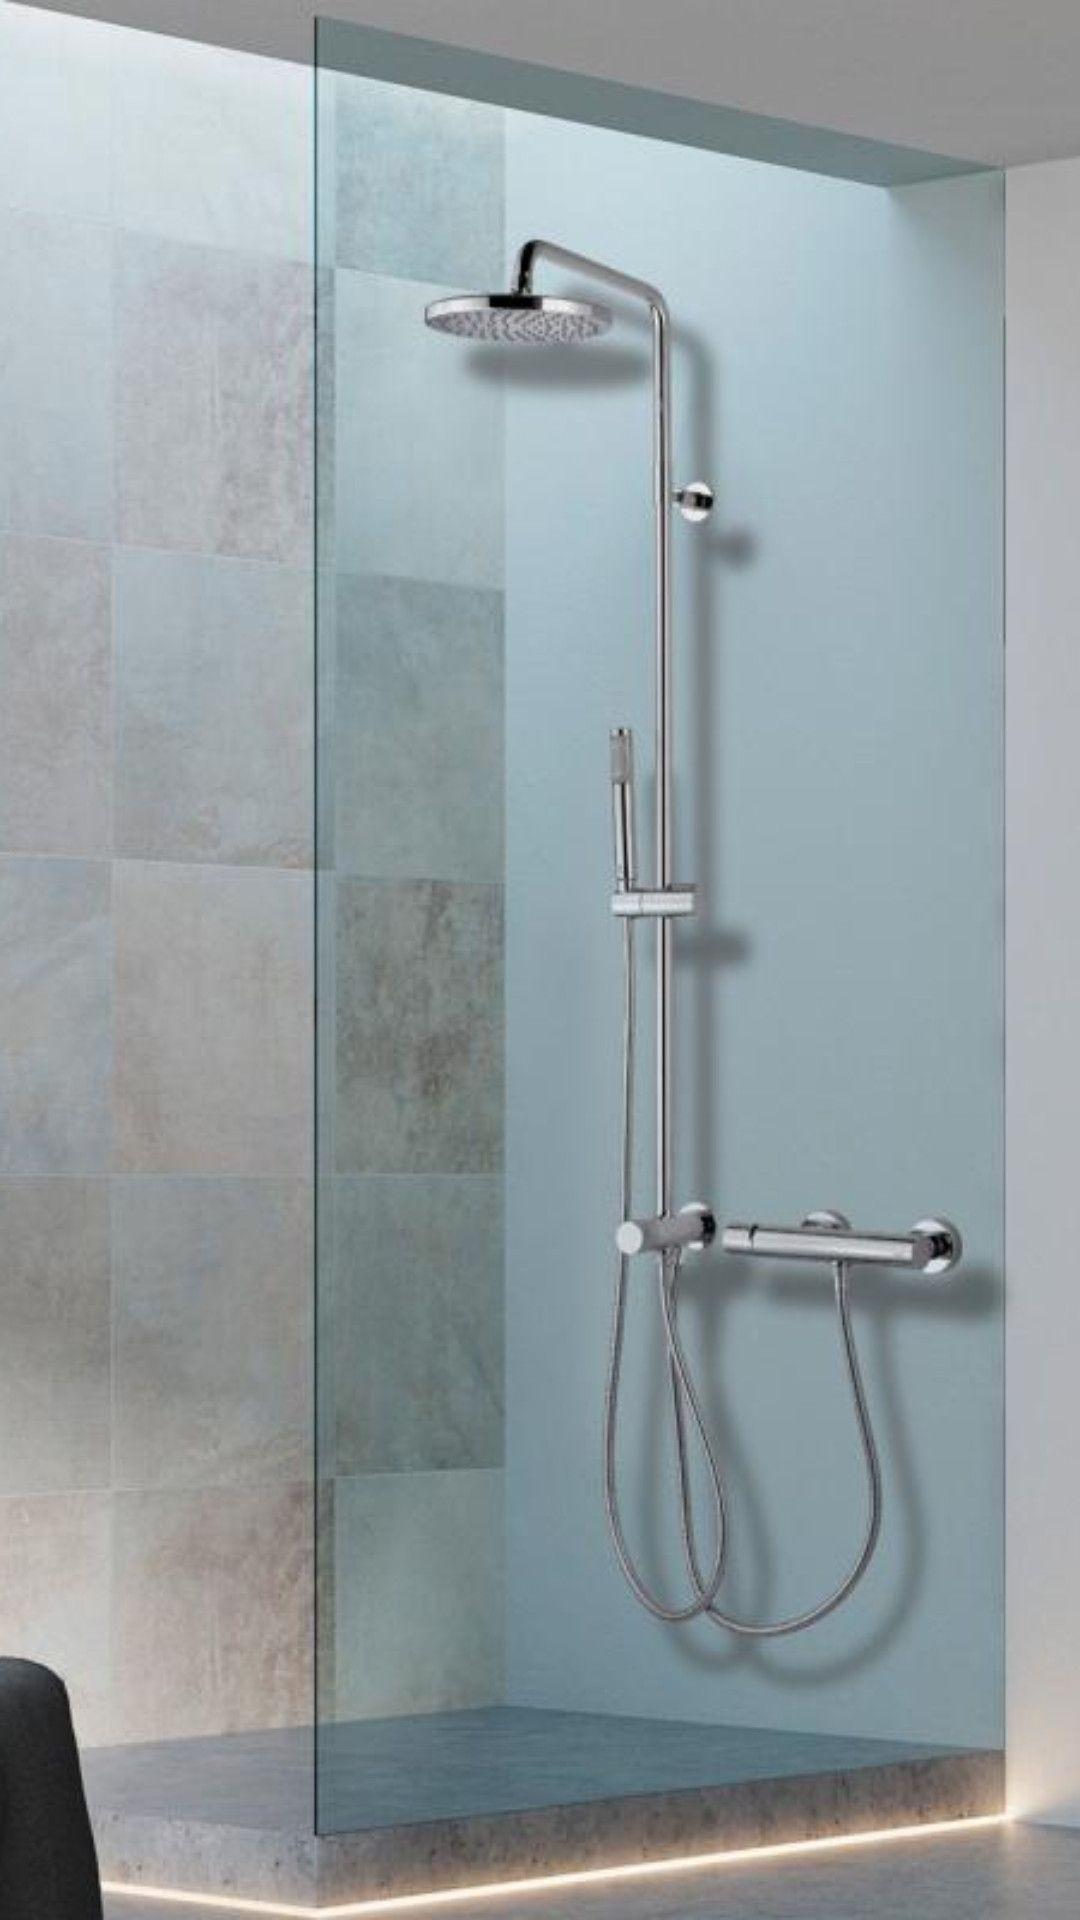 Bossini K Oki Geniessen Sie Ihre Dusche Stilvoll Und Mit Allem Komfort Dank Des Duschsystems Mit Umstellung Grosser Kopfbrause U Duschsysteme Dusche Kopfbrause